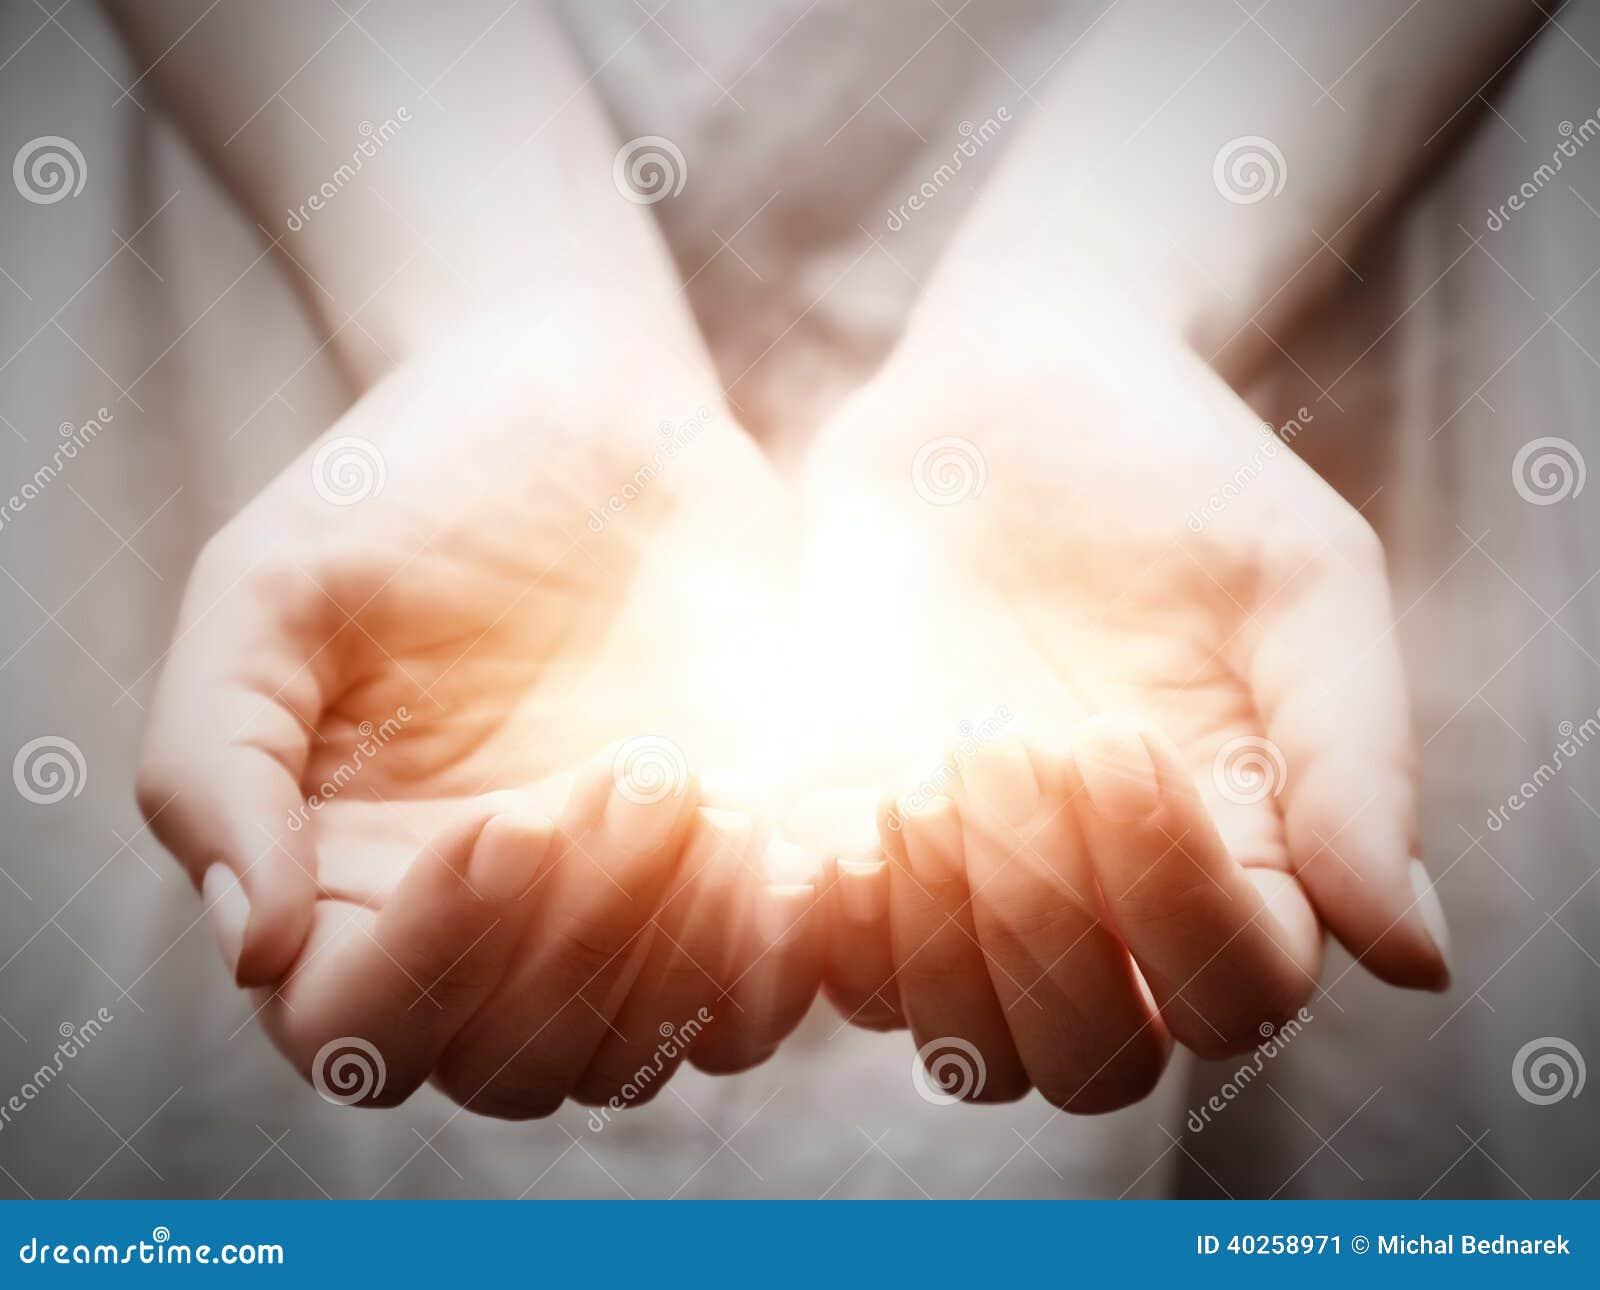 Ljuset i händer för ung kvinna. Dela ge sig som erbjuder, skydd